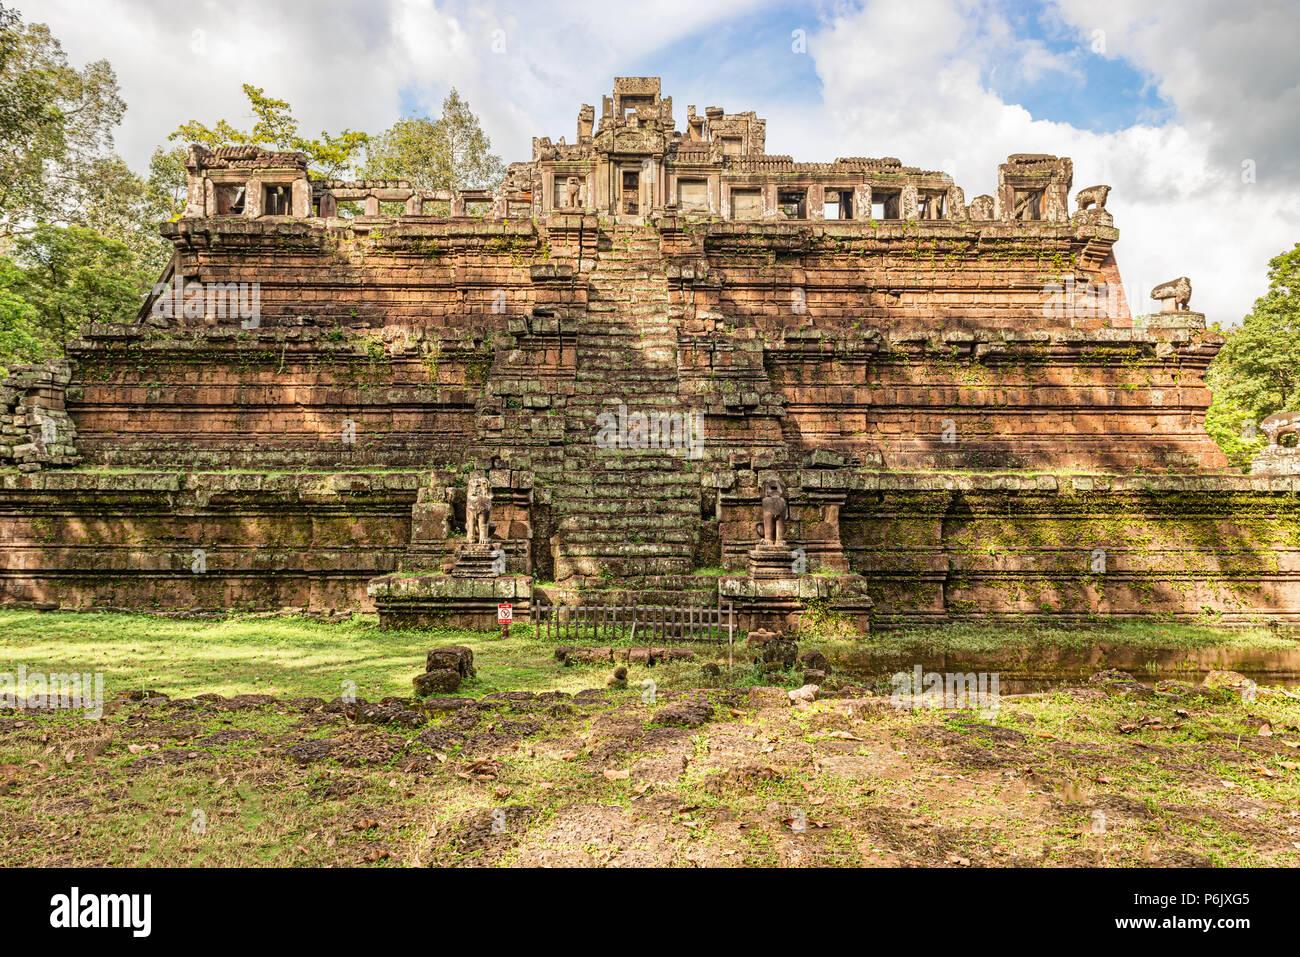 Phimeanakas tempio di Angkor, Cambogia, è un tempio indù a partire dal decimo secolo, in forma di tre tier piramide come un tempio indù. Sulla parte superiore del pyram Immagini Stock